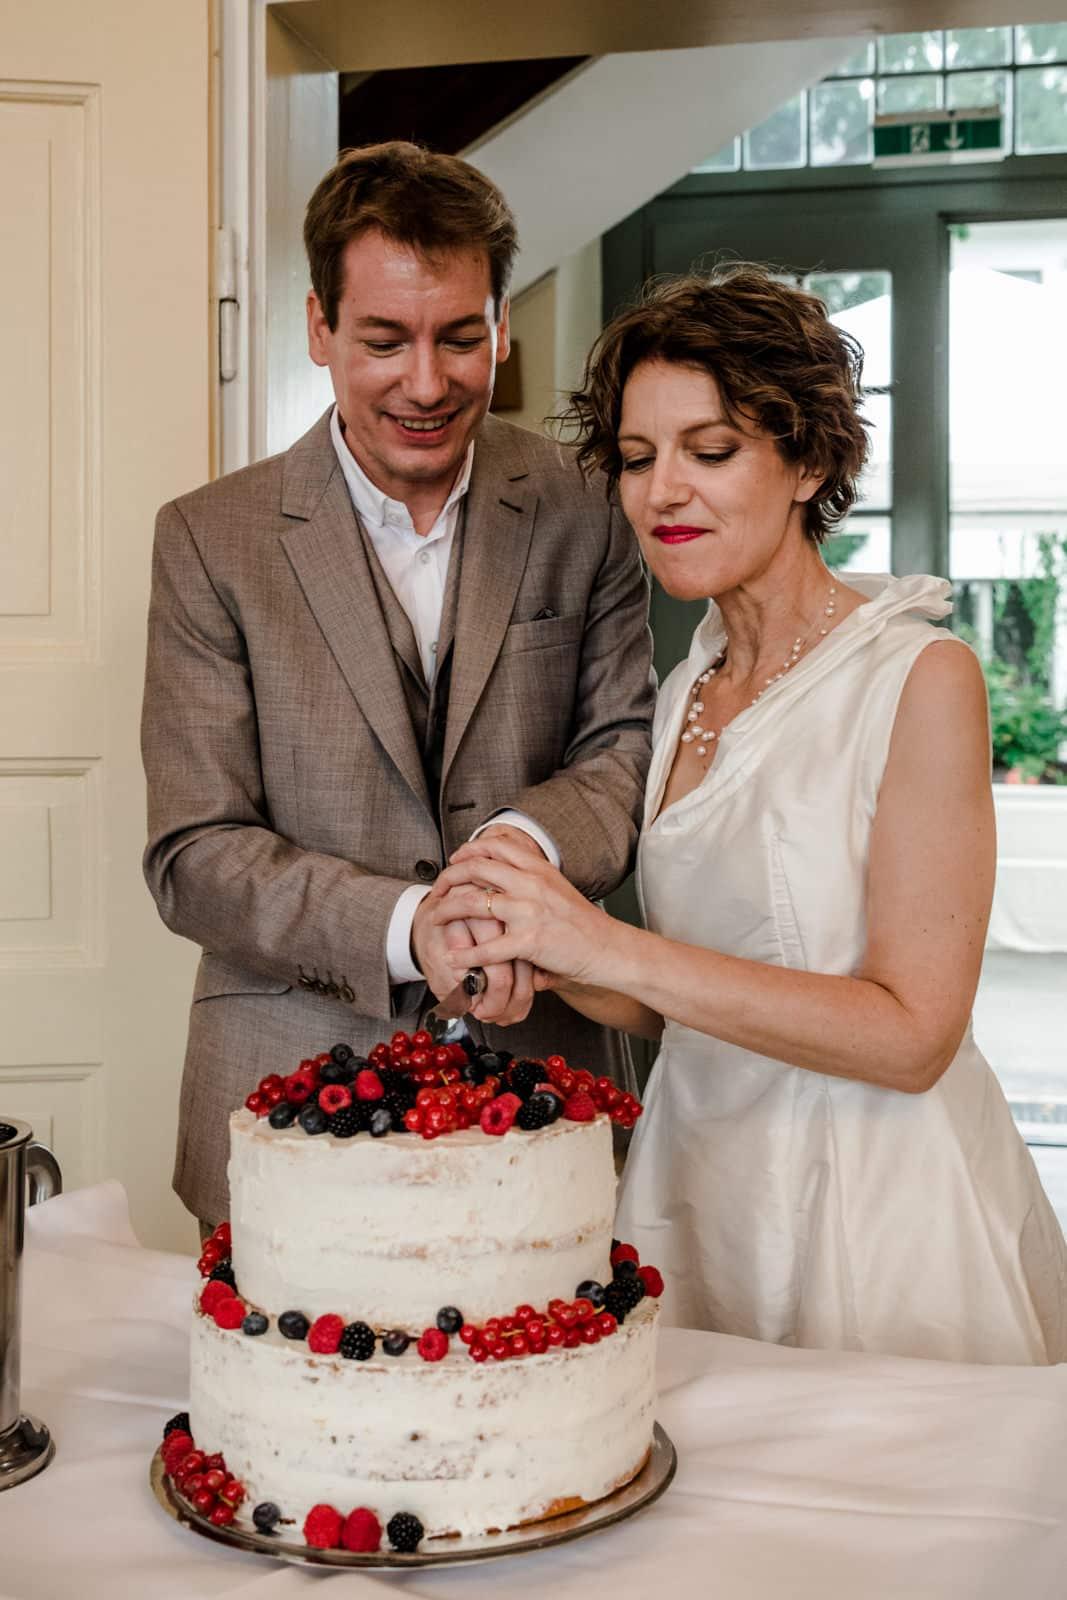 Brautpaar schneidet eine zweistöckige Hochzeitstorte mit Beeren im Vintagestil Prinz-Emil-Schlösschen in Darmstadt an.